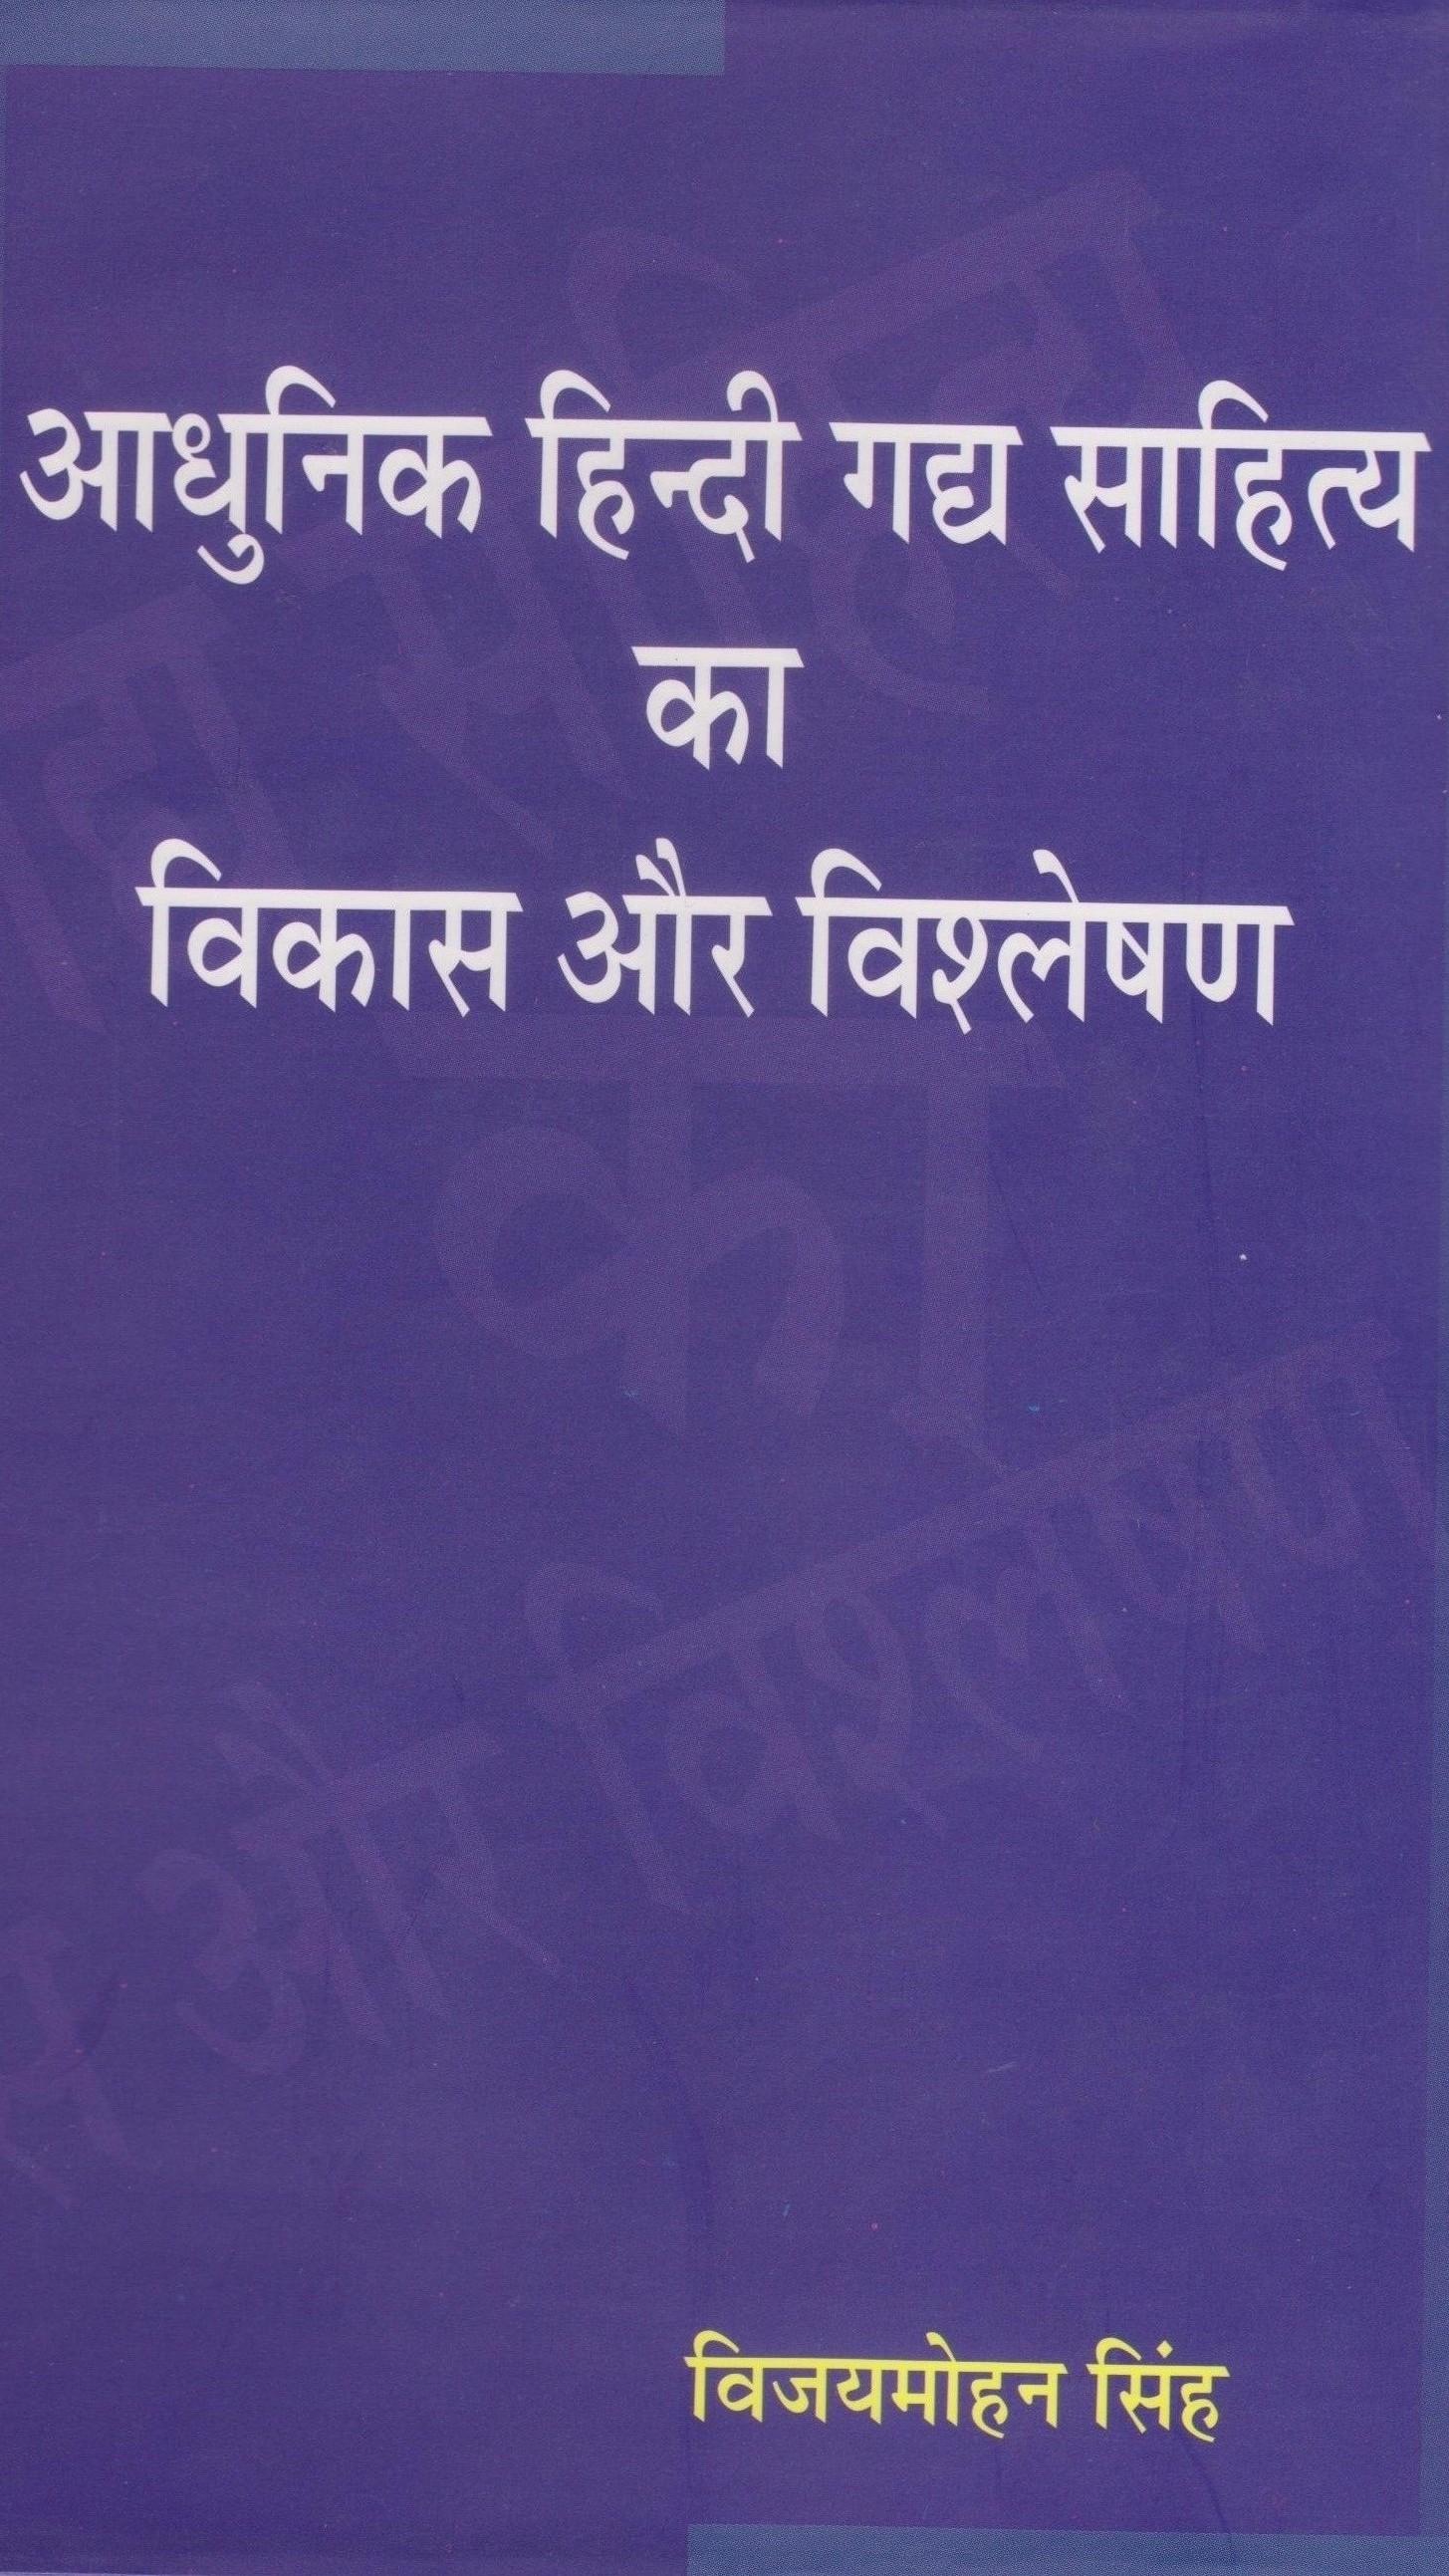 Aadhunik Hindi Gadya Sahitya ka Vikas aur Vishlesh…